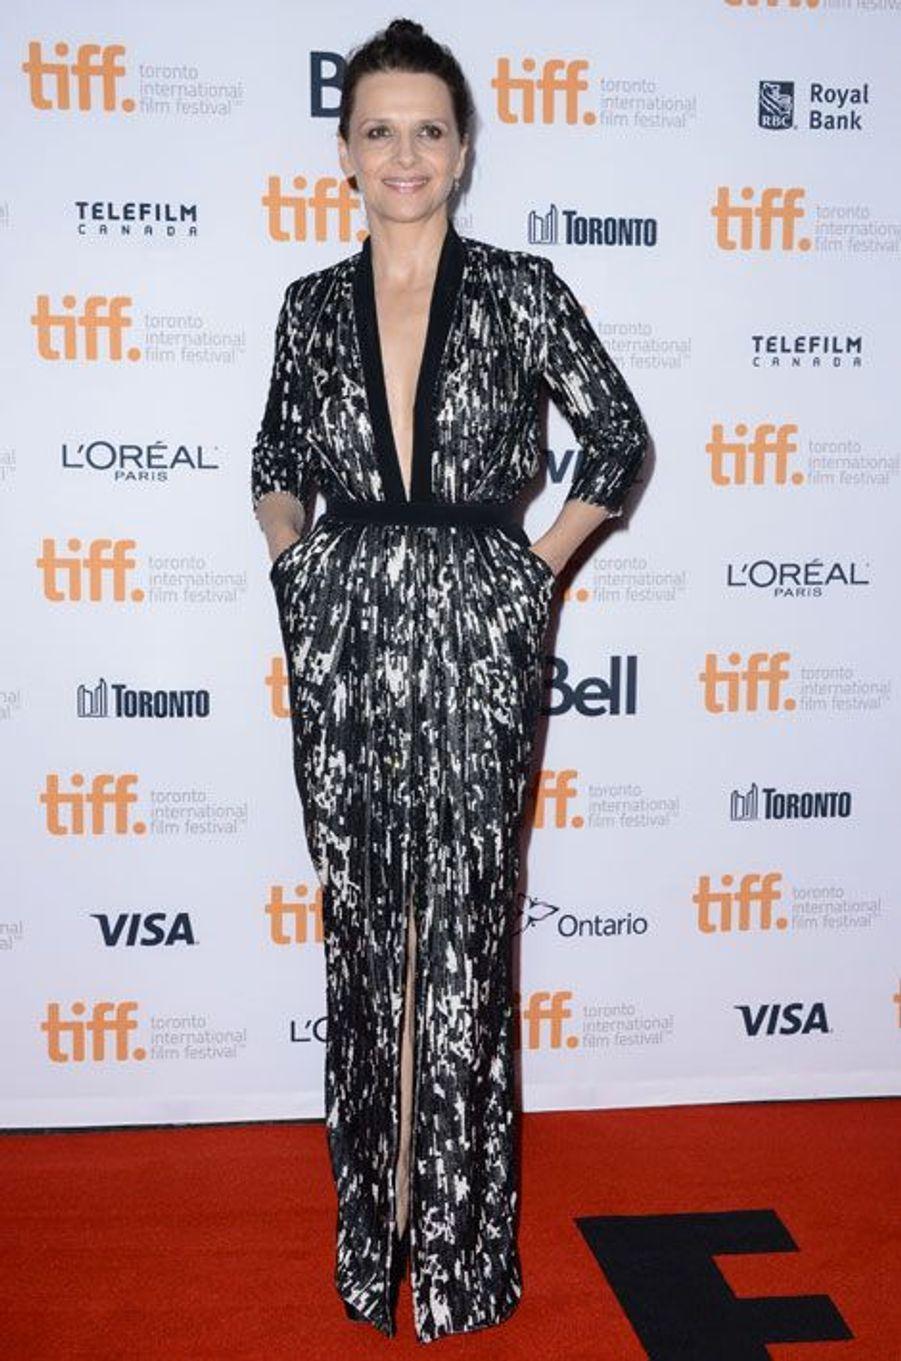 Black & white : Juliette Binoche pour la projection du film Clouds of Sils Maria à Toronto, le 4 septembre 2014